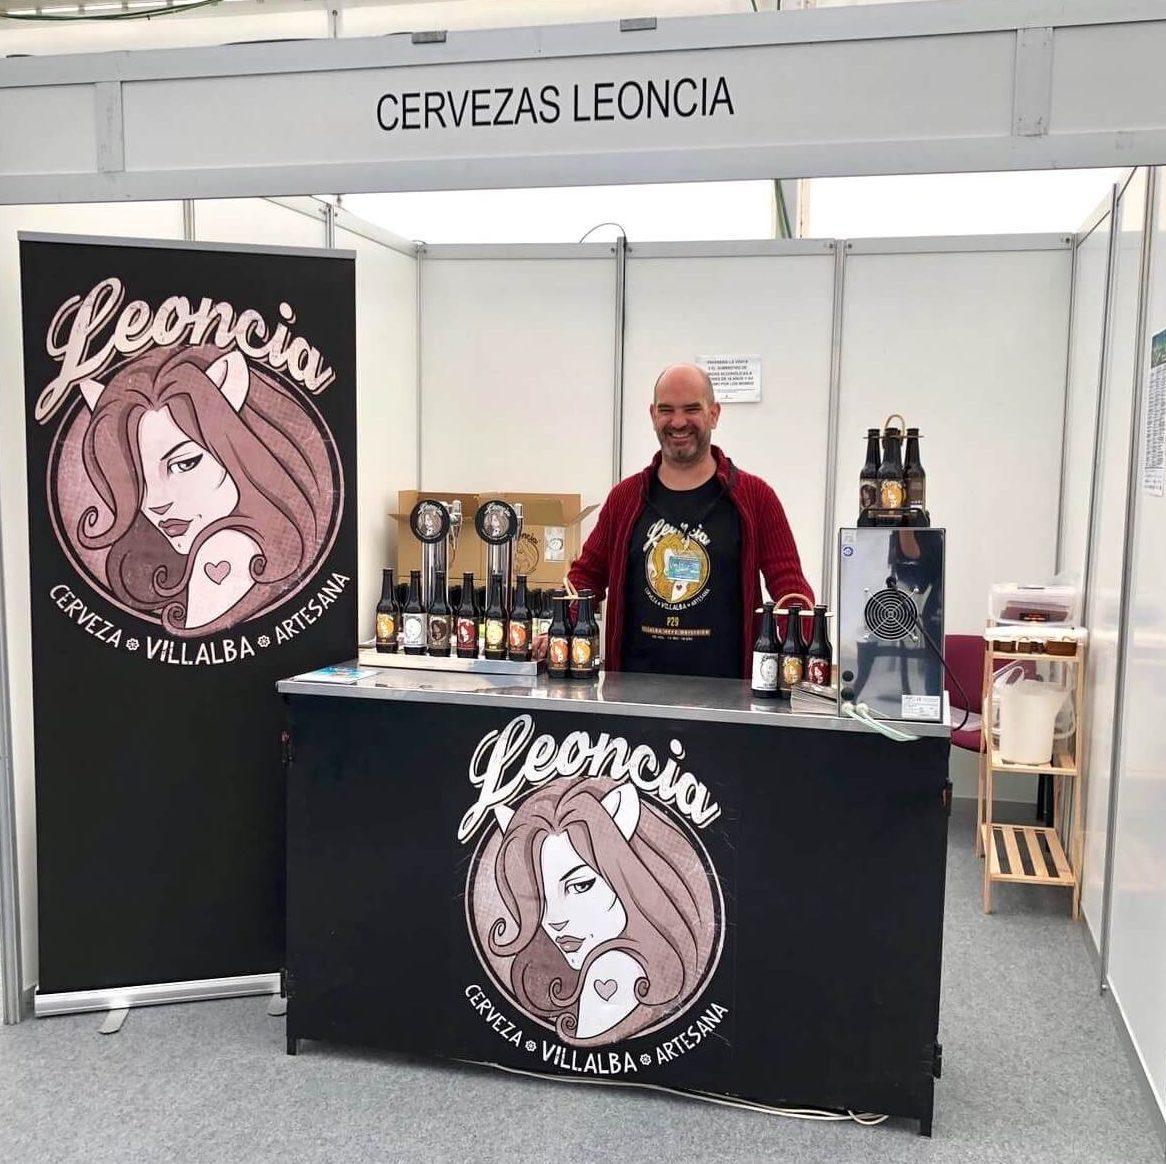 Stand de Cervezas Leoncia en la Feria Vive la Sierra 2019